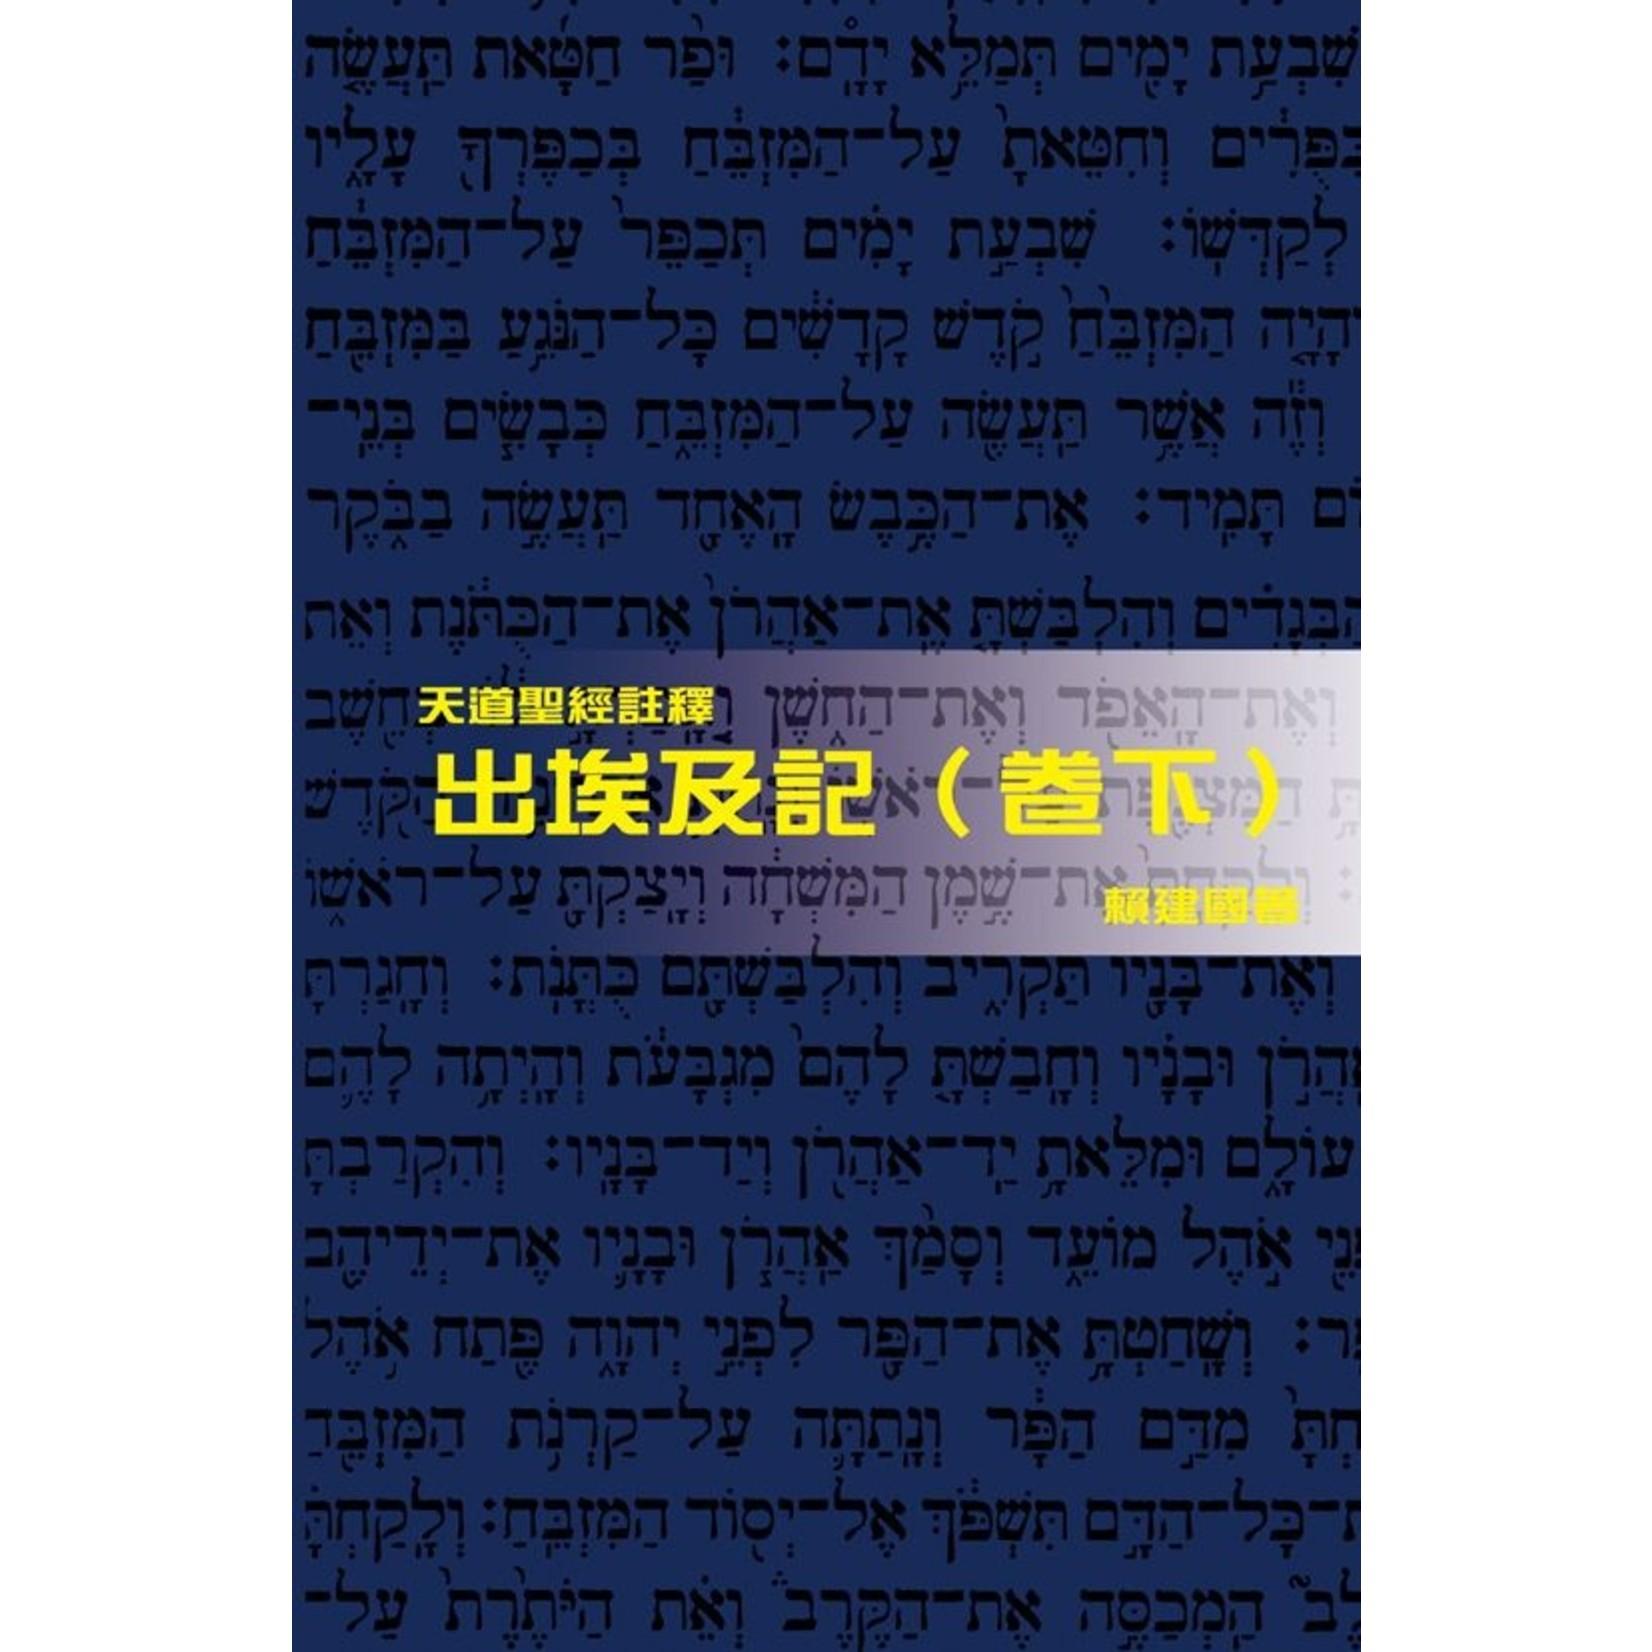 天道書樓 Tien Dao Publishing House 天道聖經註釋:出埃及記(卷下)